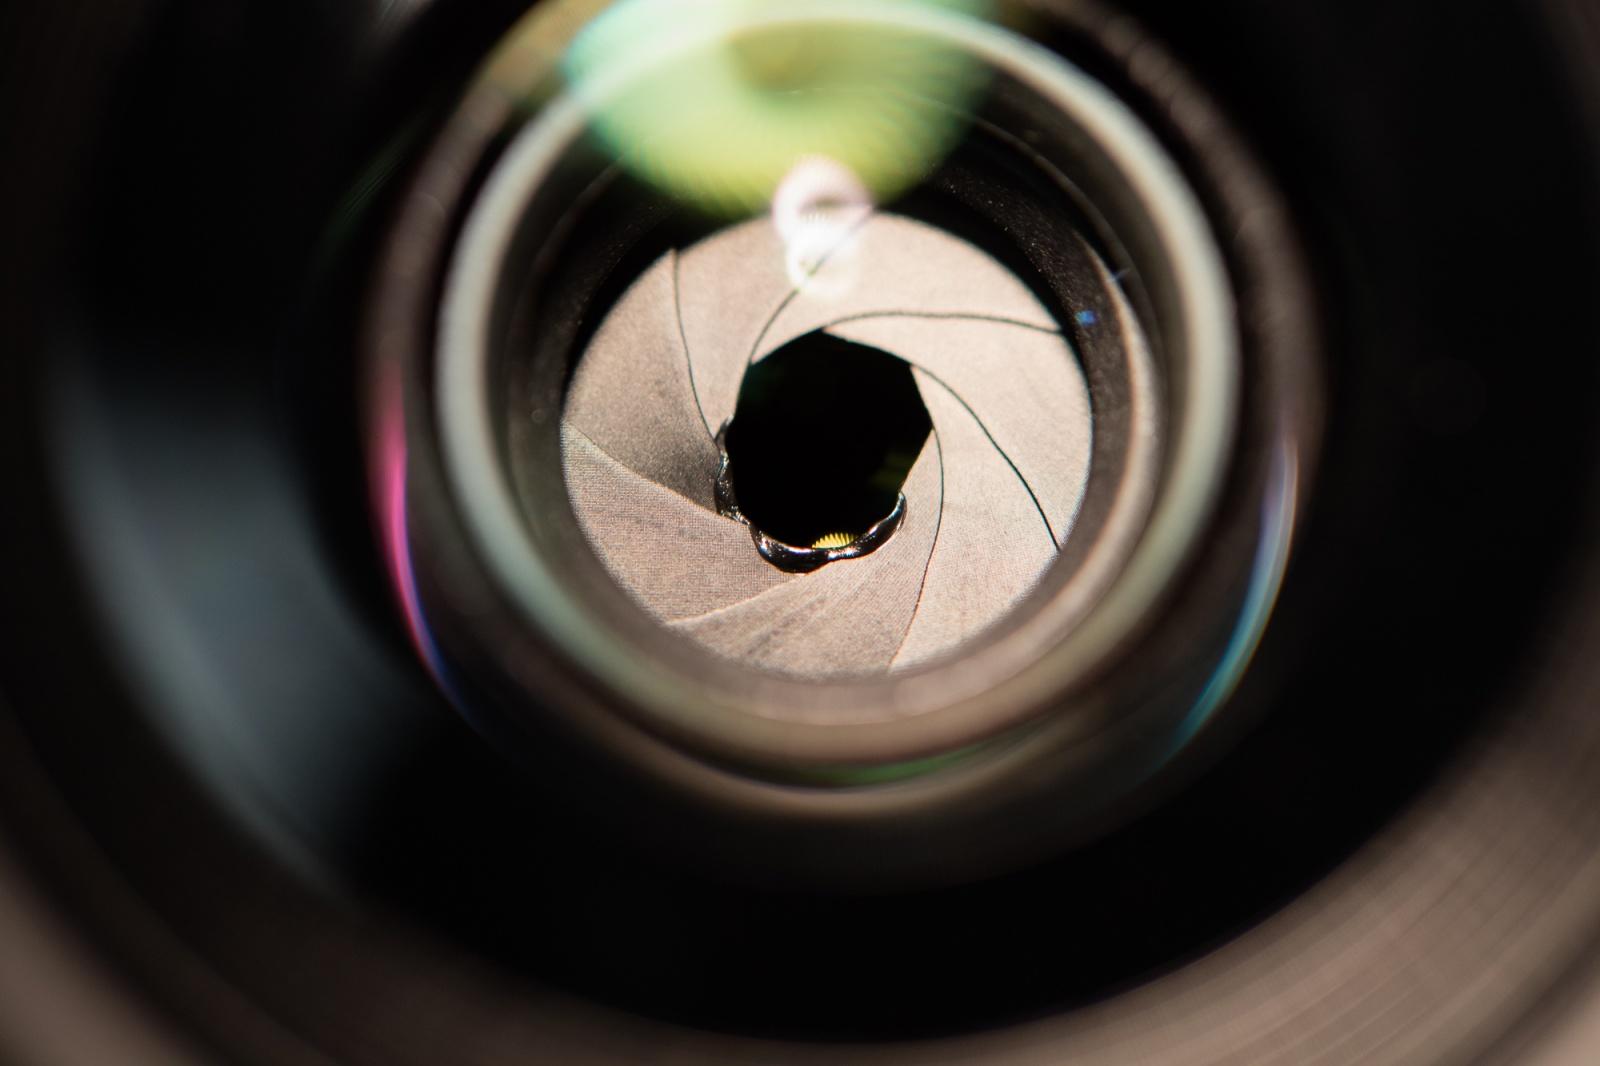 Прокатное фотографическое оборудование, повреждённое солнечным затмением - 7